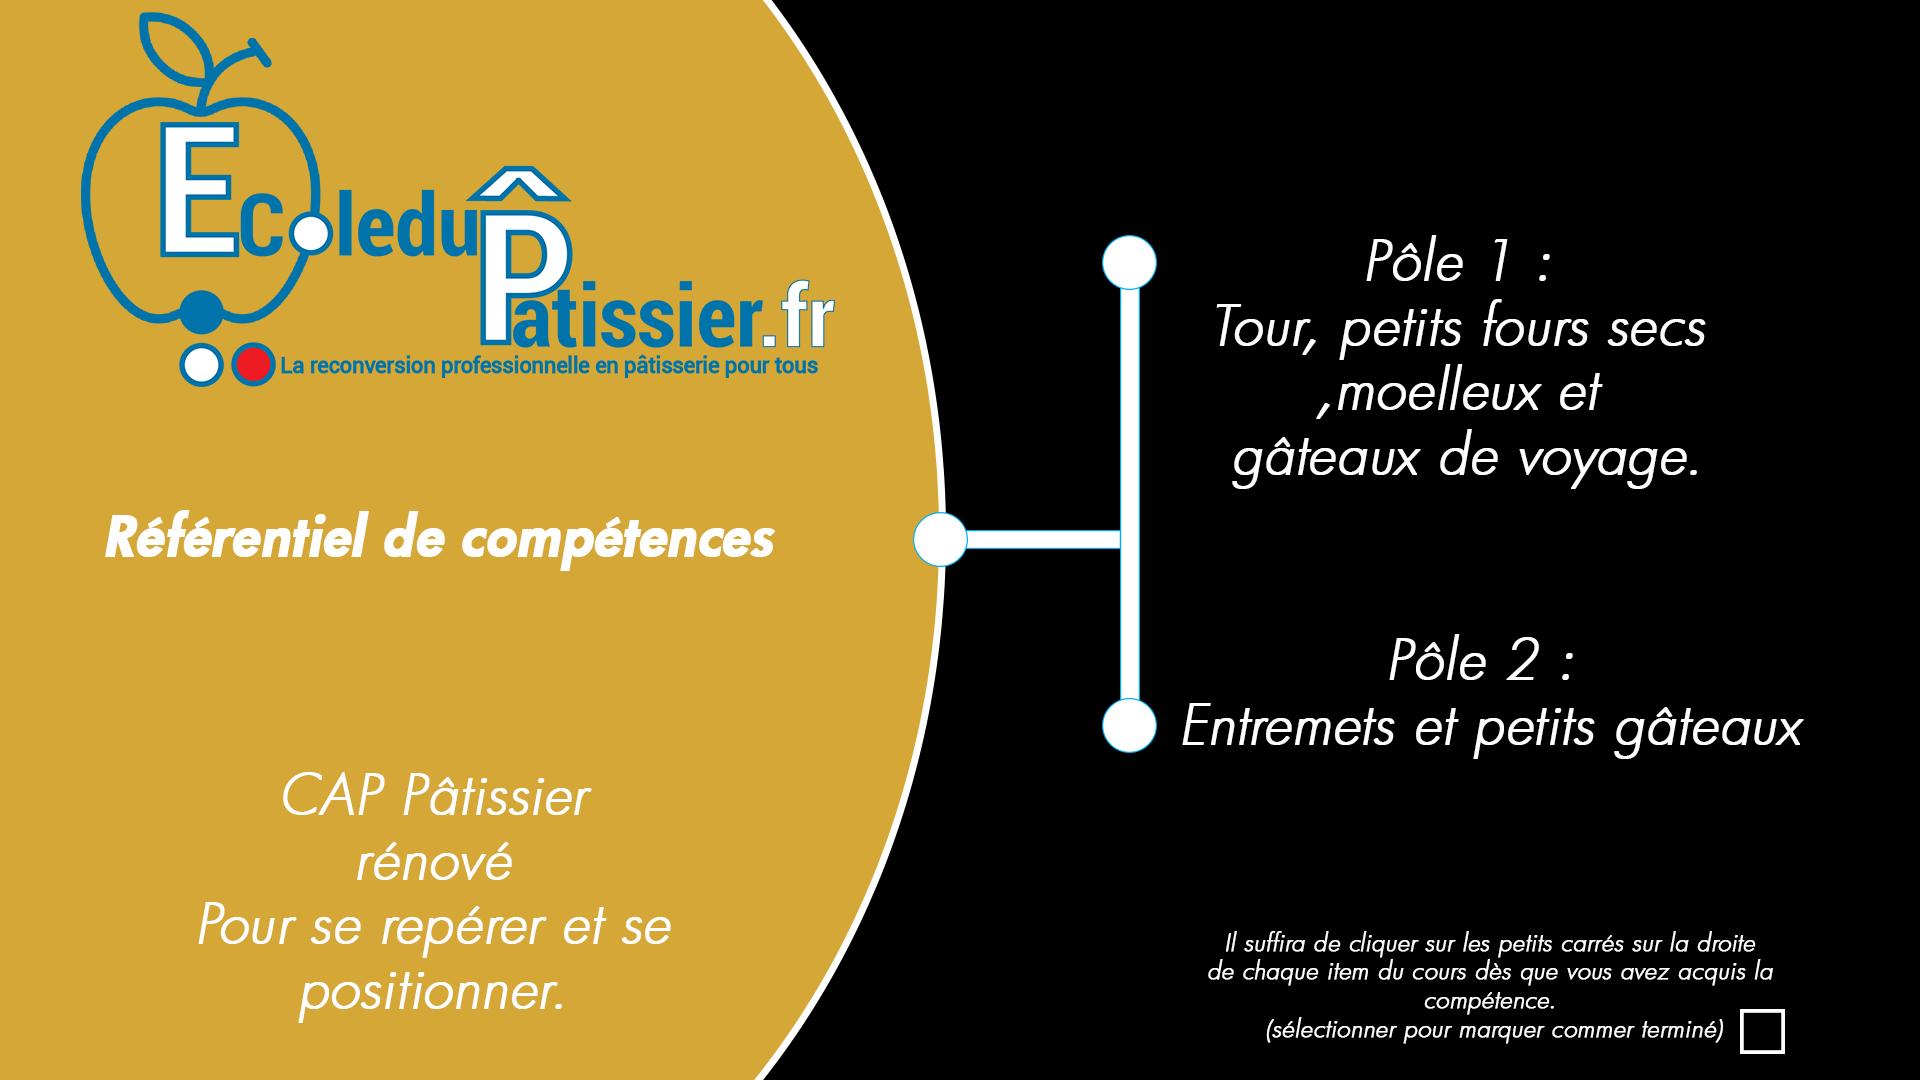 Référentiel du cap pâtissier Pôle 1 et Pôle 2